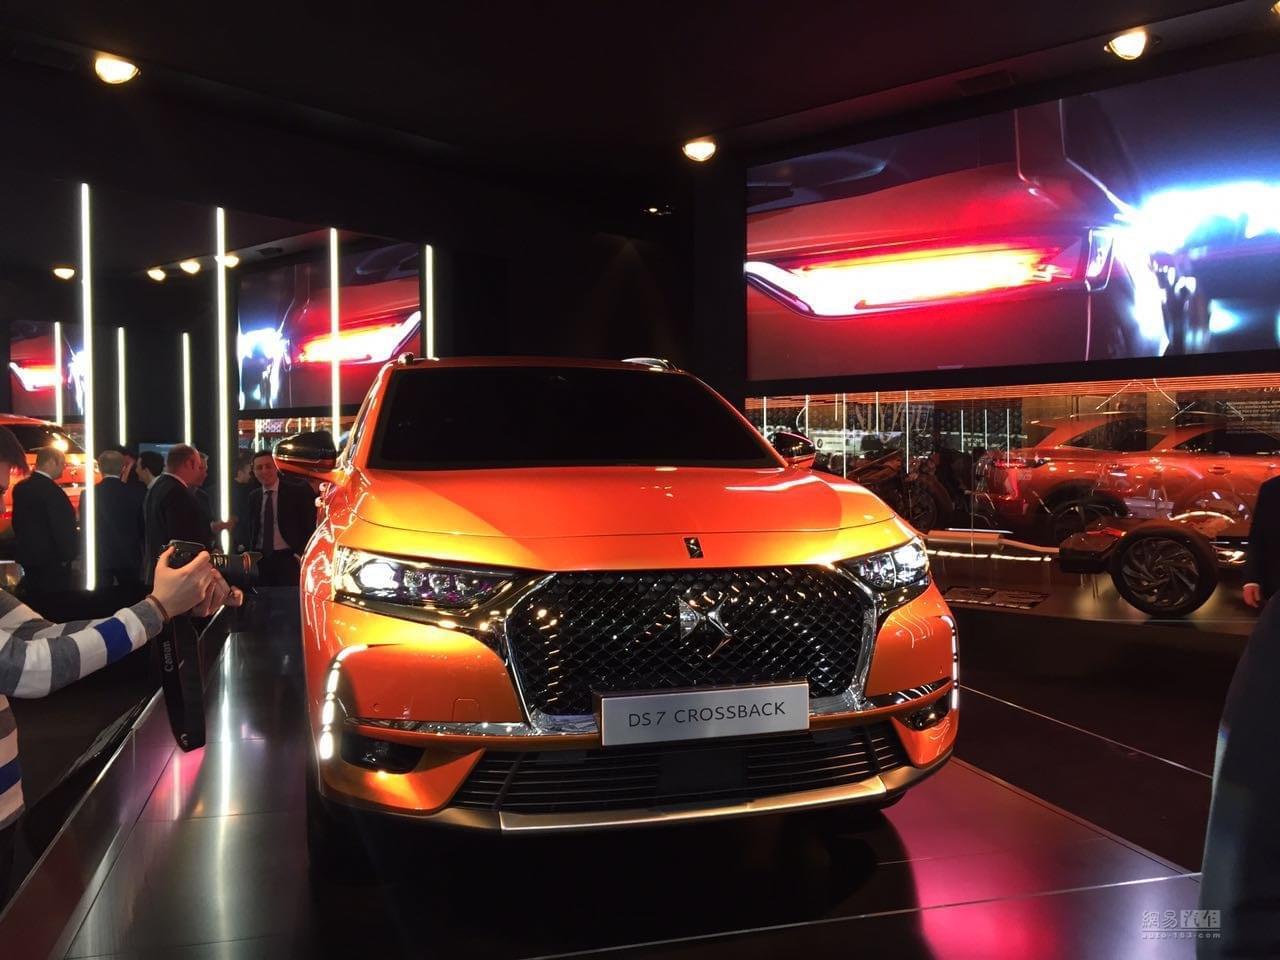 2017日内瓦车展:DS7 Crossback亮相